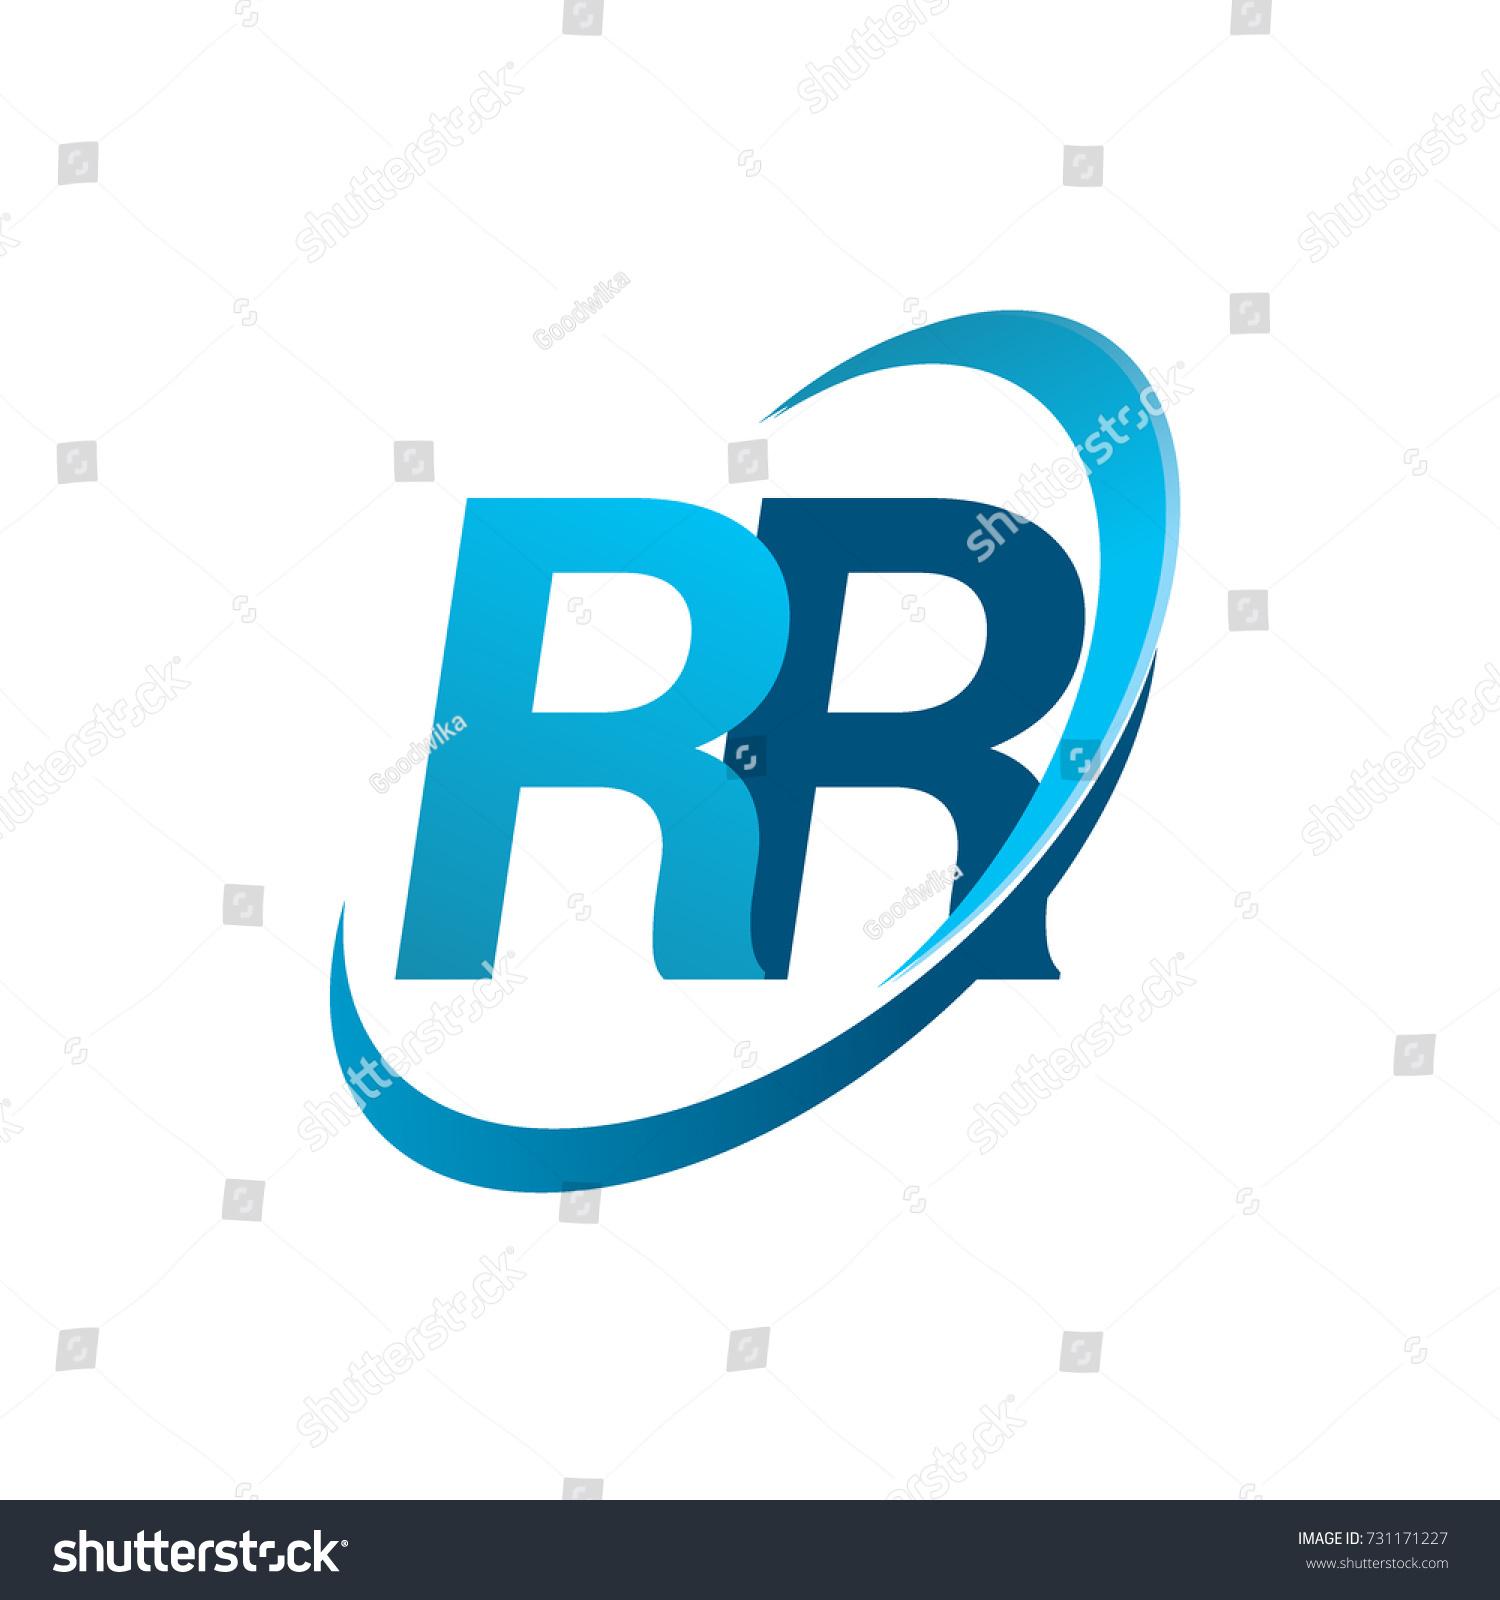 Rr Logo Name - Wiring Diagrams